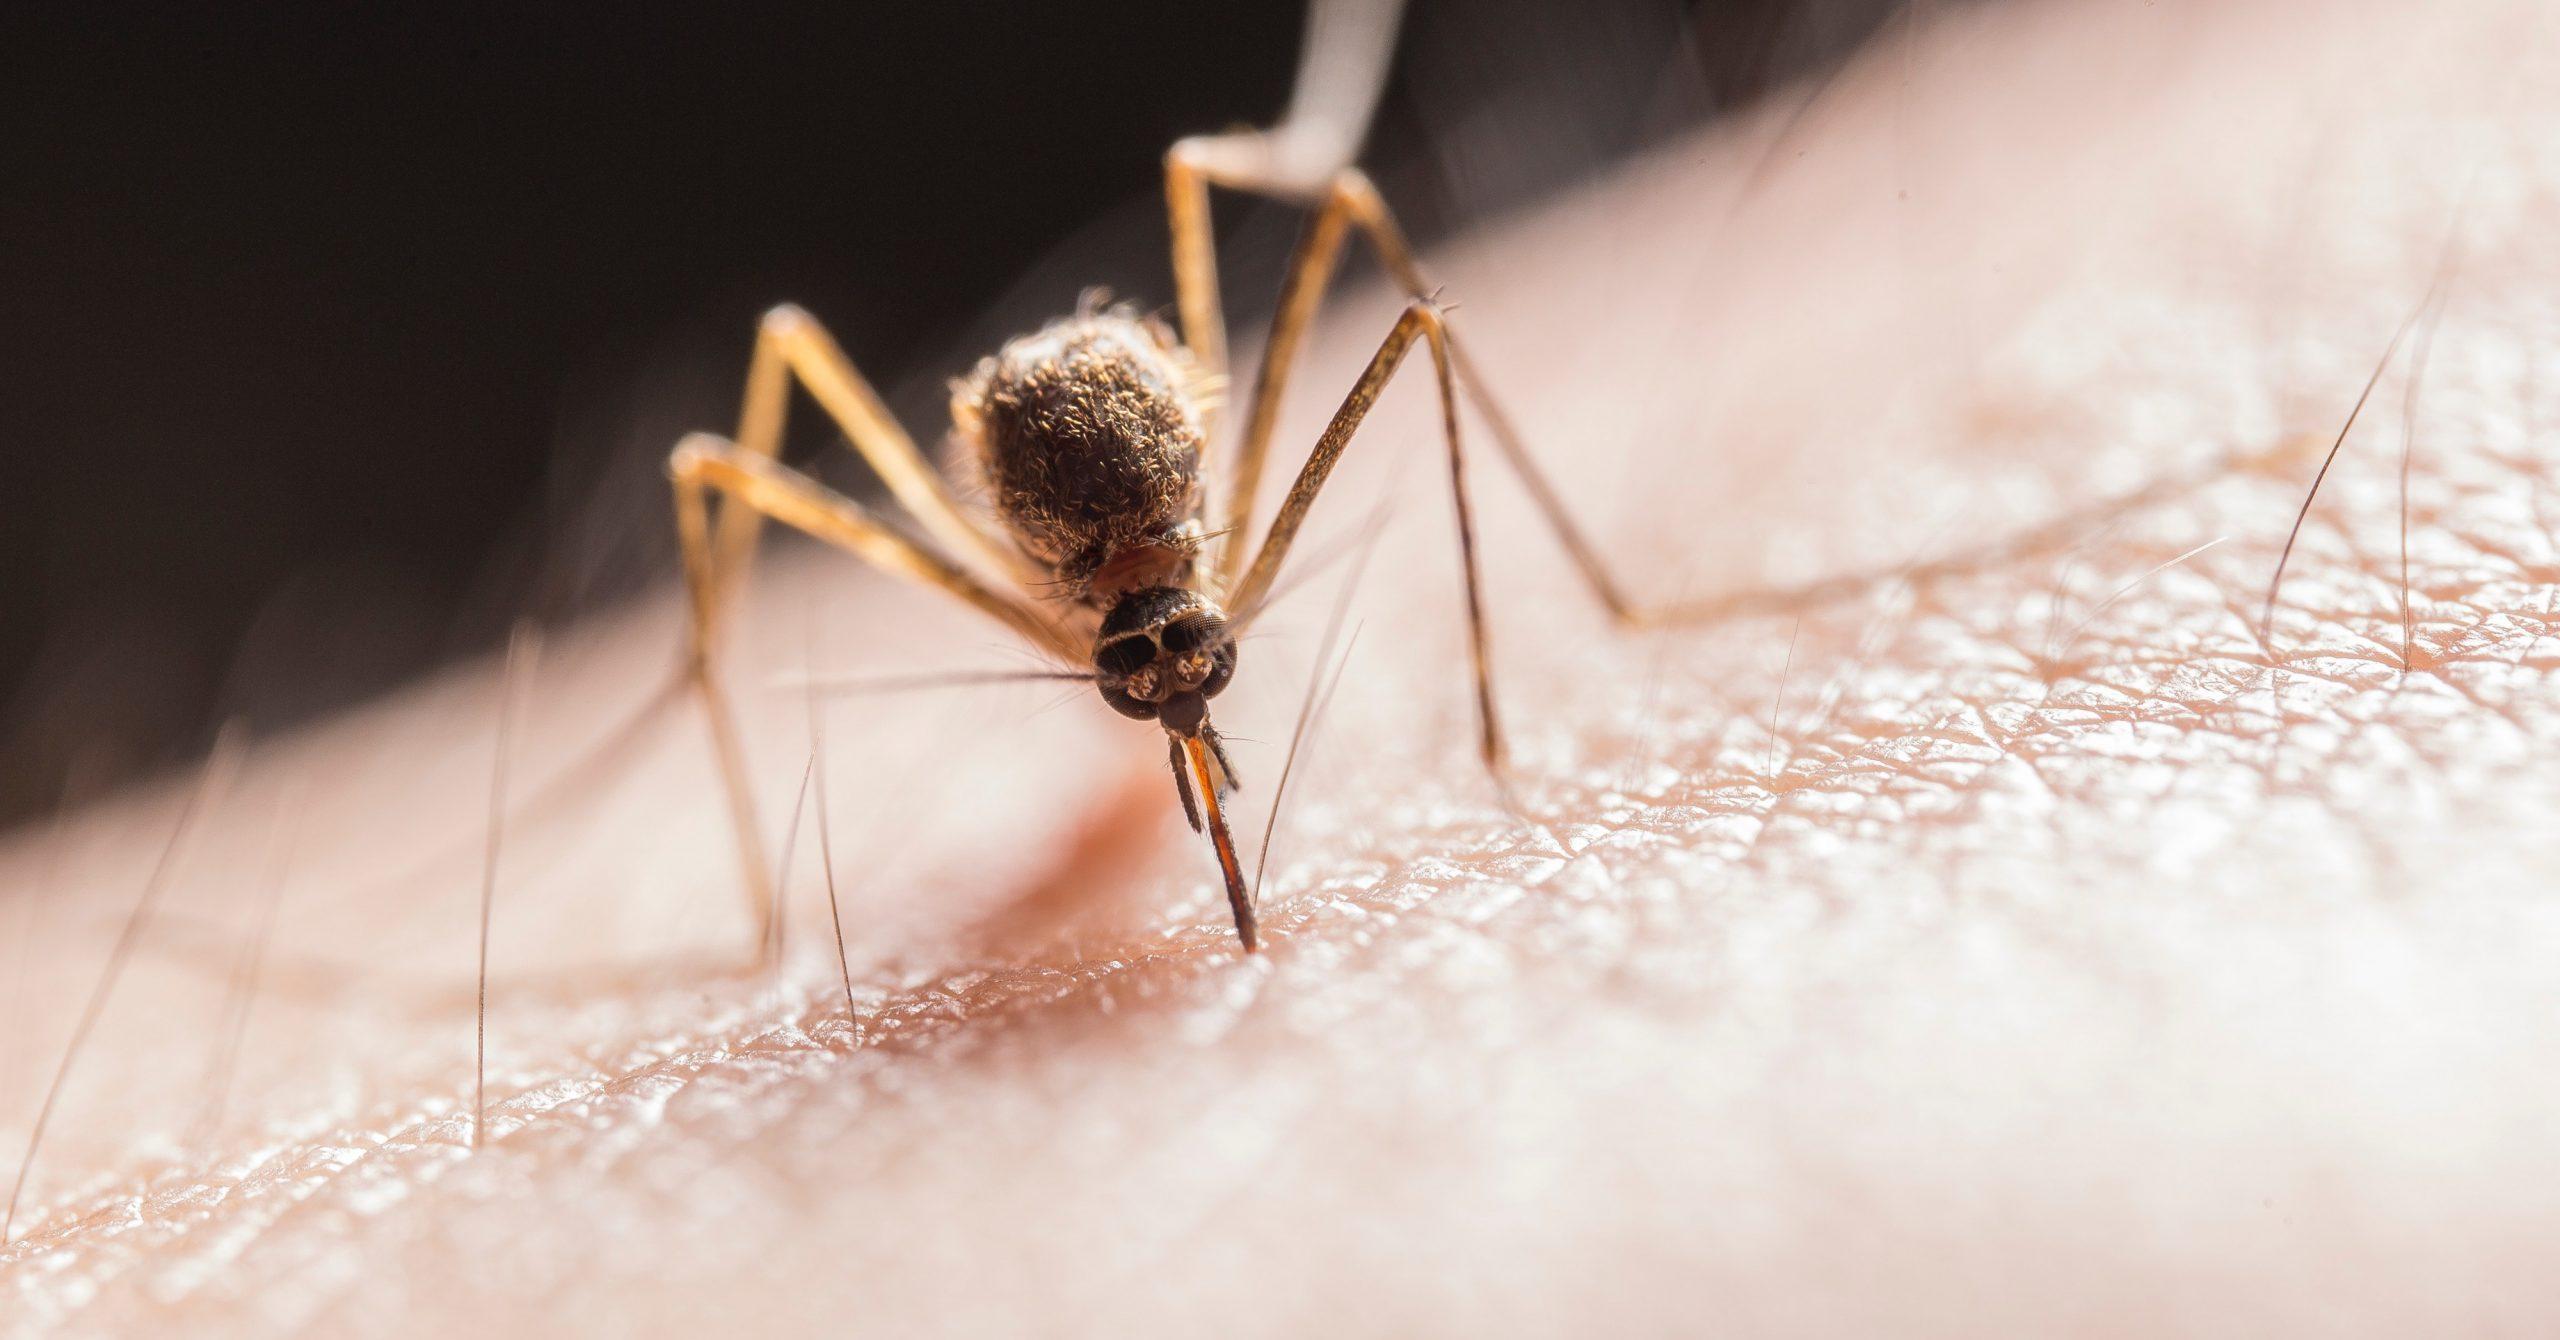 Insektenschutz: Kleidung – Tipps und Tricks gegen lästige Mücken